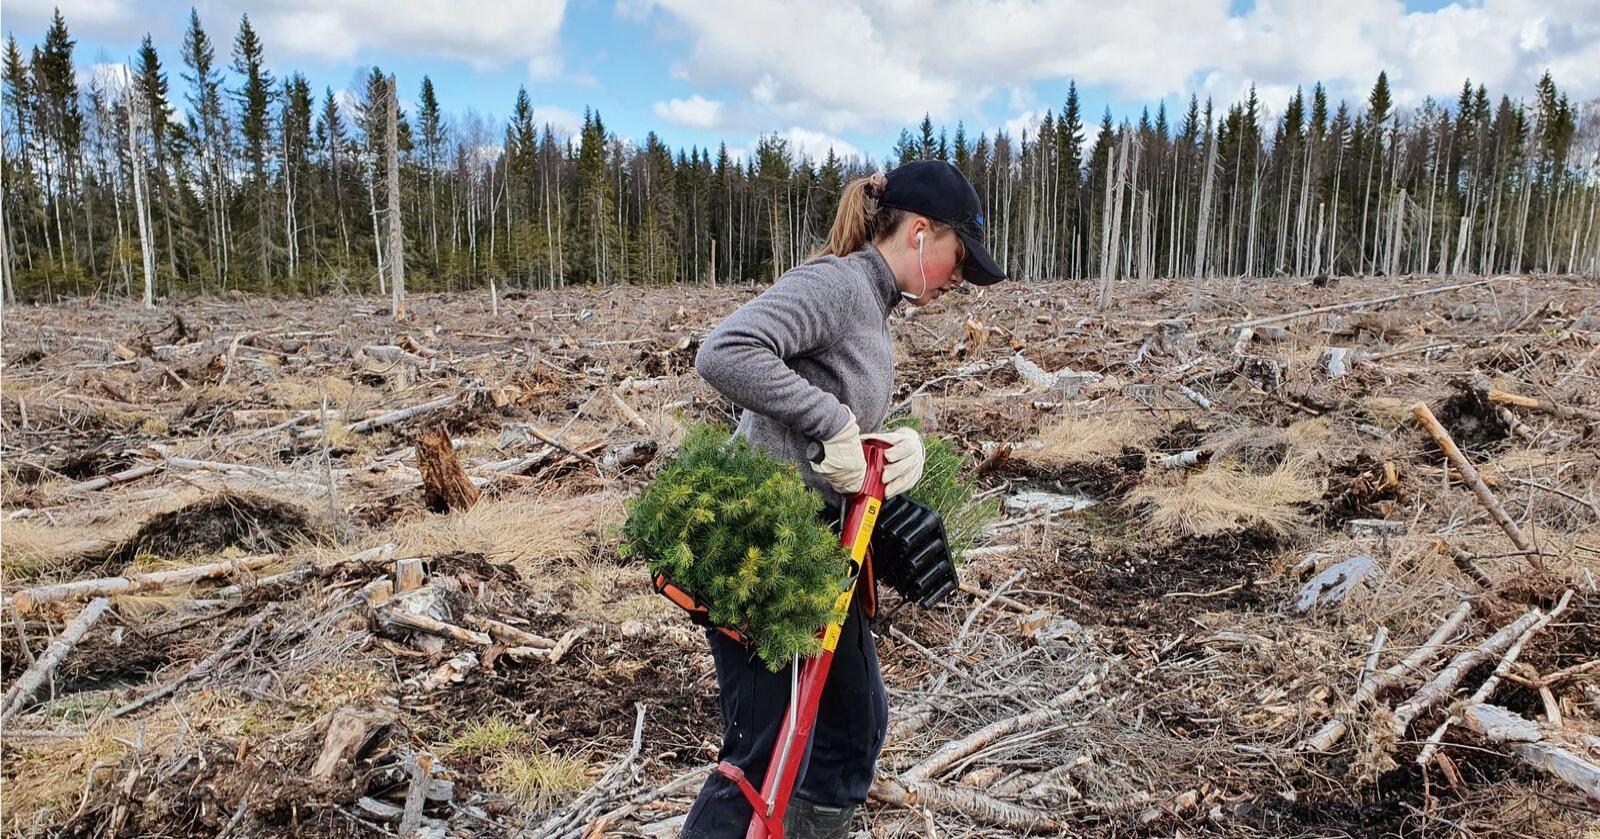 Oppfyller mål: Skogen gjør at Norge allerede oppfyller ambisjonene for 2030-målet, skriver innsenderen. Illustrasjonsfoto: Mostphotos